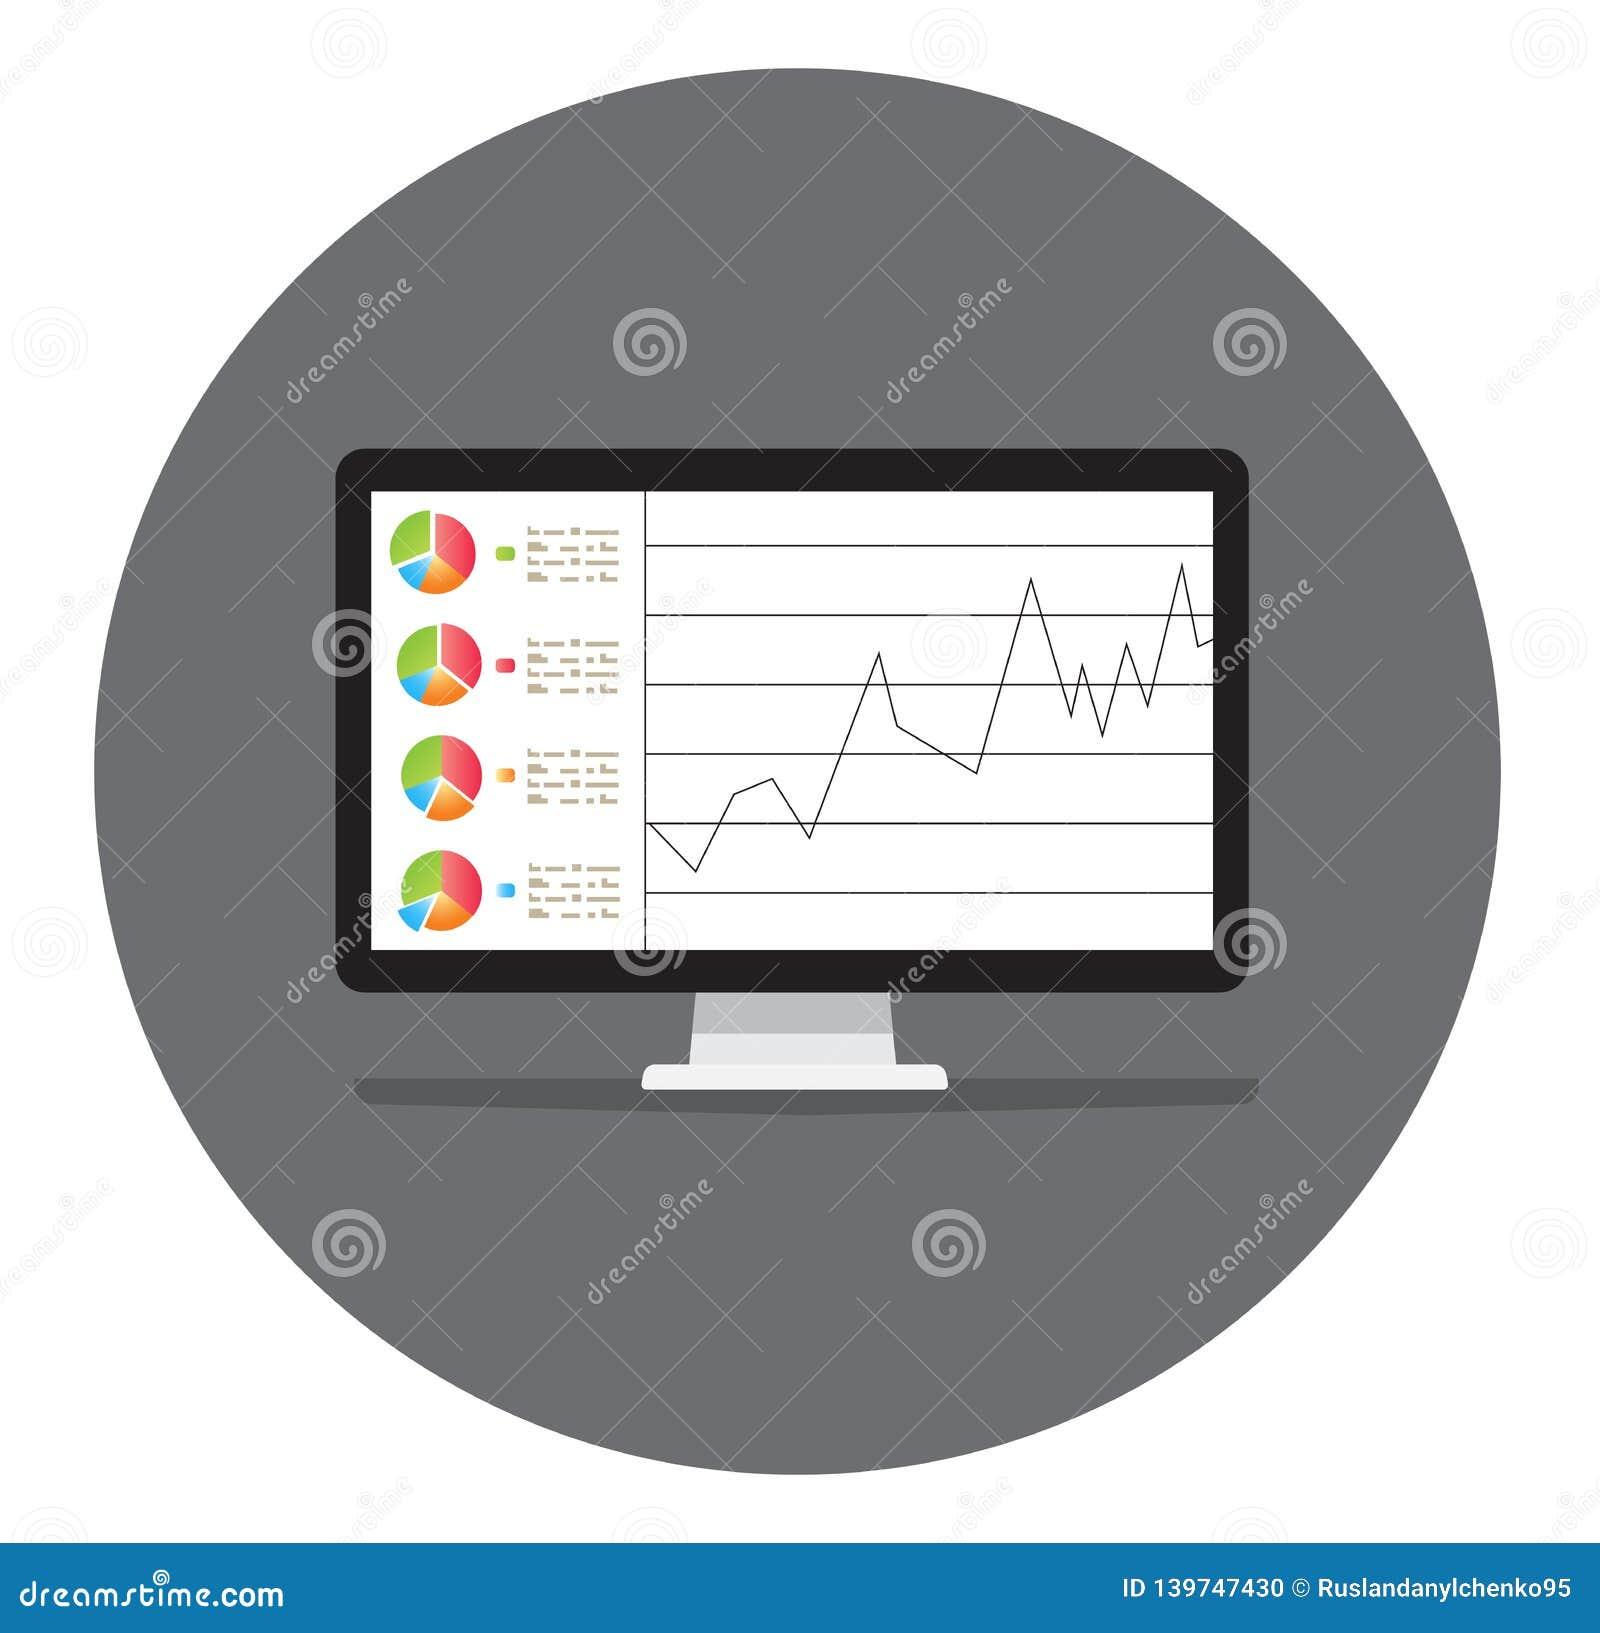 Datorskärm, bärbar dator, smarta telefonskärmar med finansiella diagram och grafer